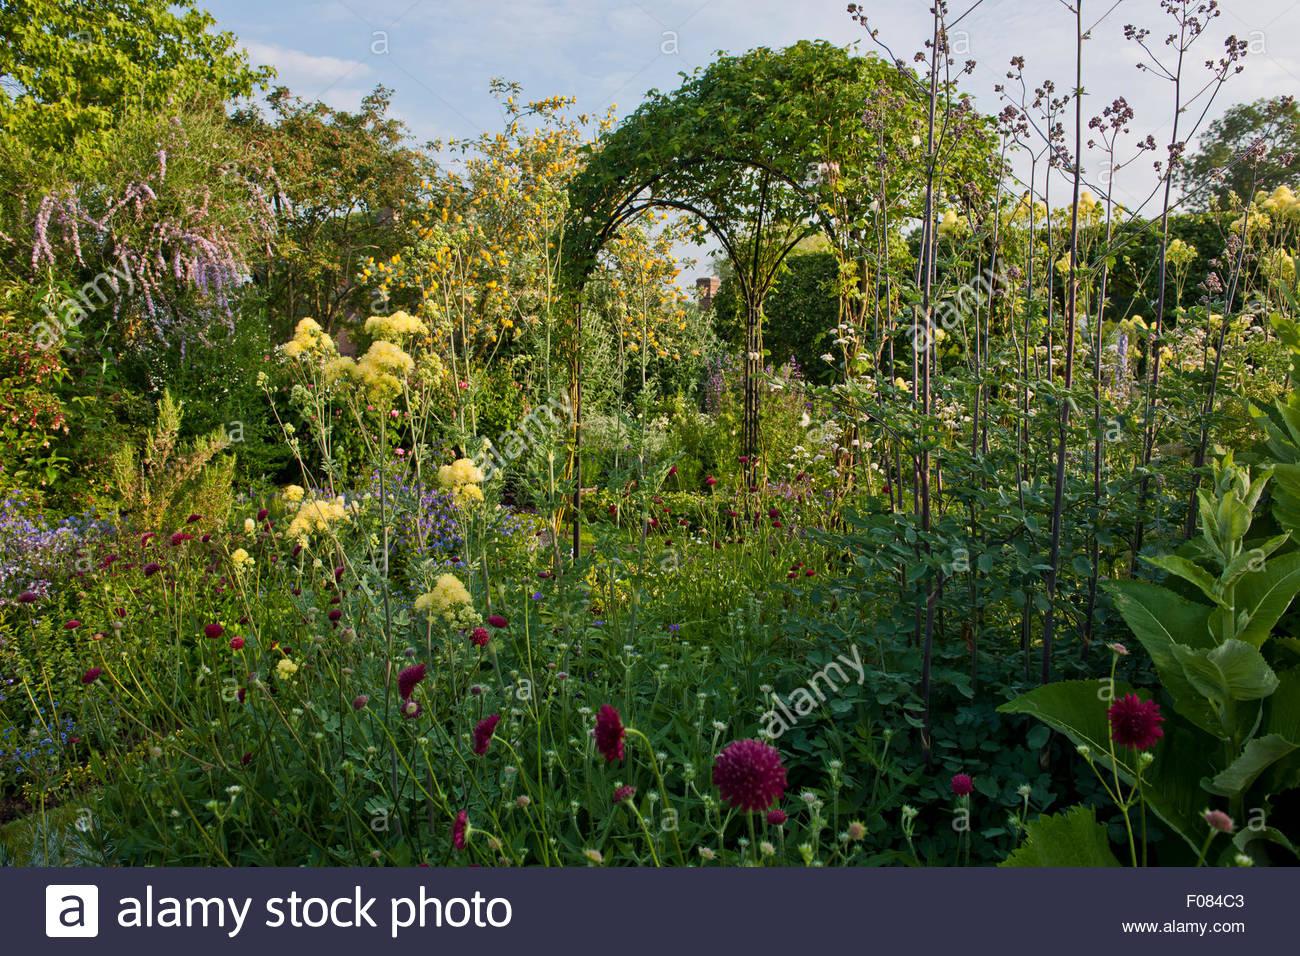 mixed herbs and perennials - Stock Image